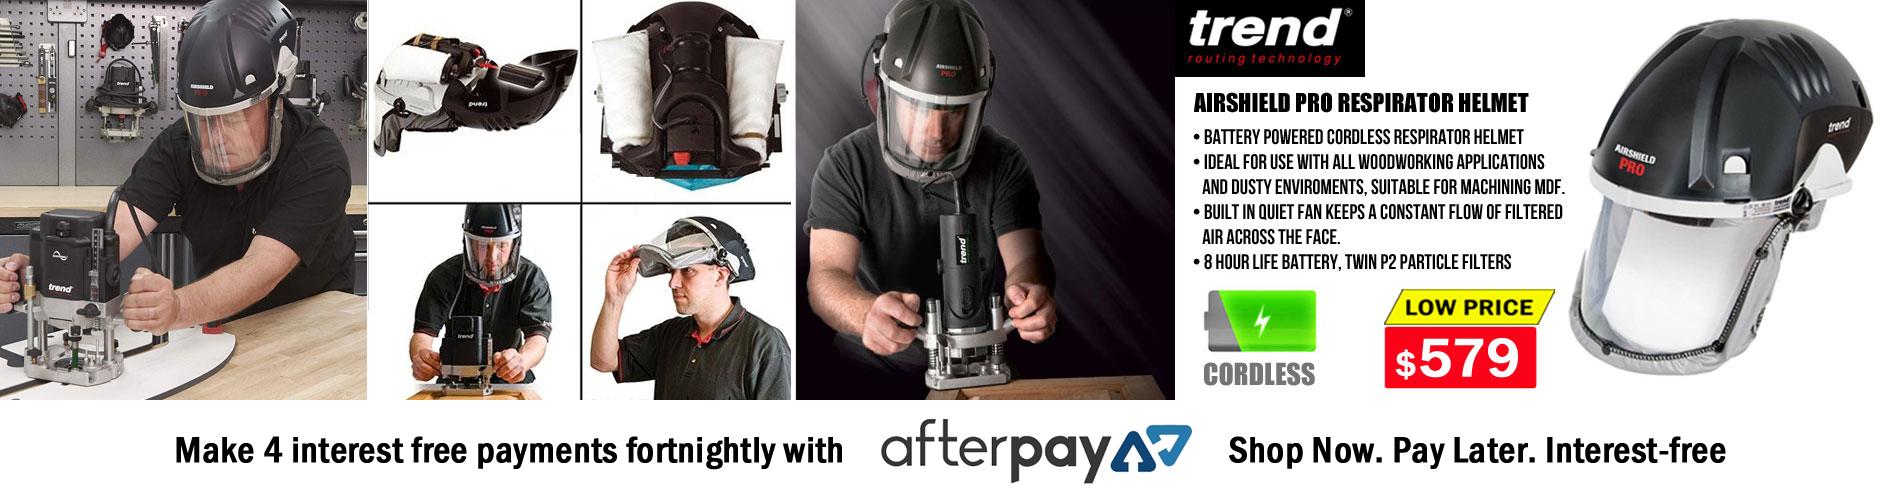 woodworking respirator helmet - Audel Tools